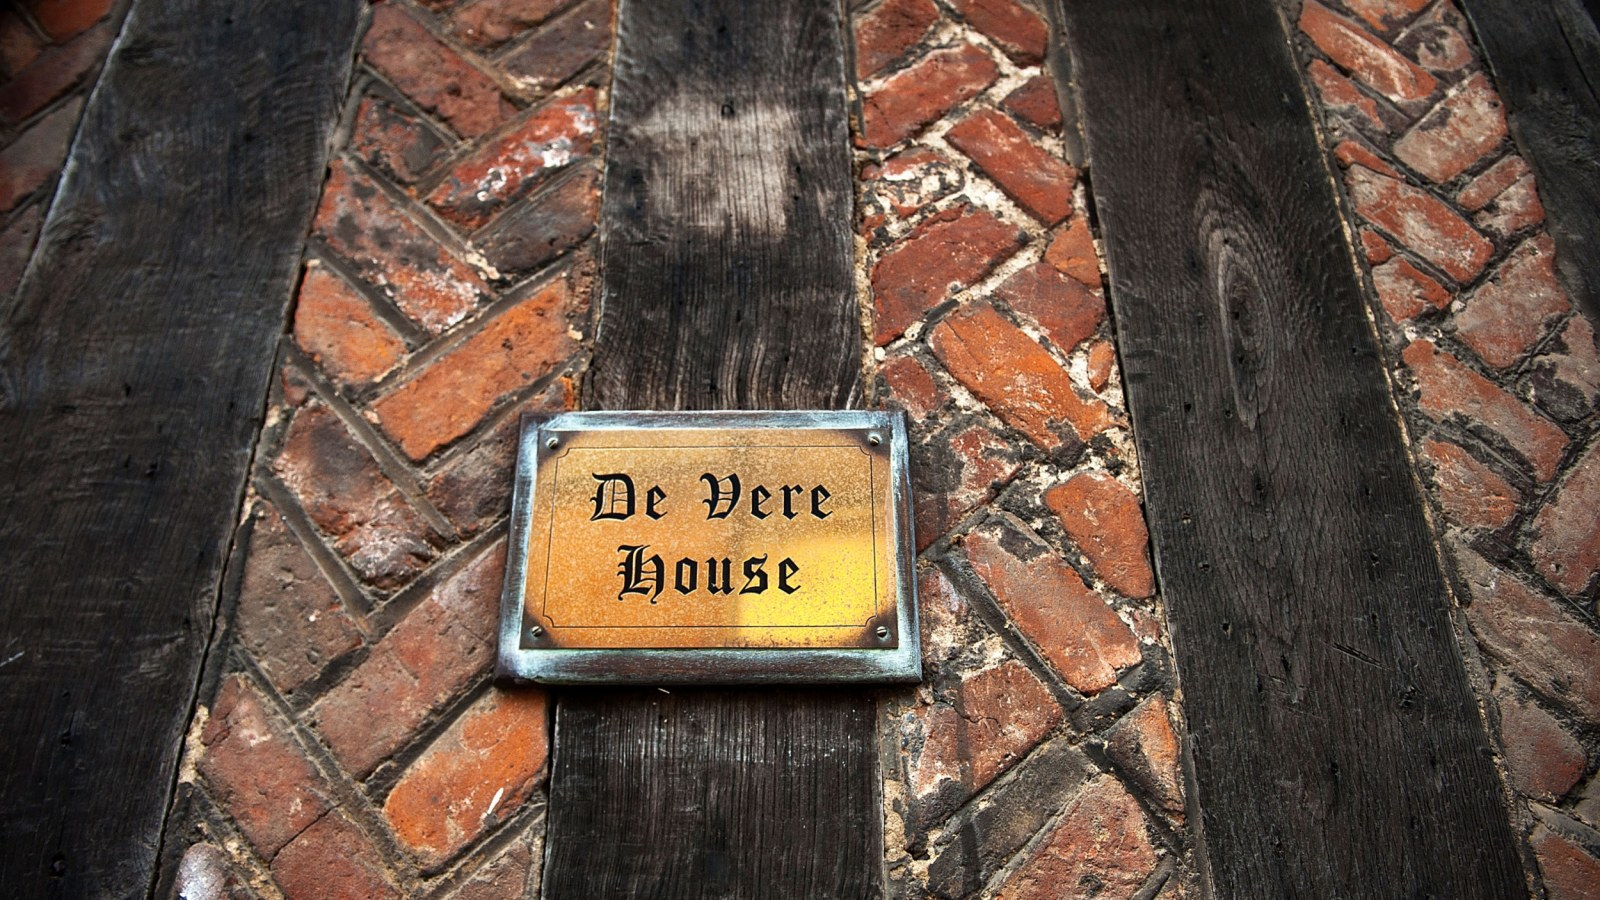 Картинки по запросу de vere house harry potter